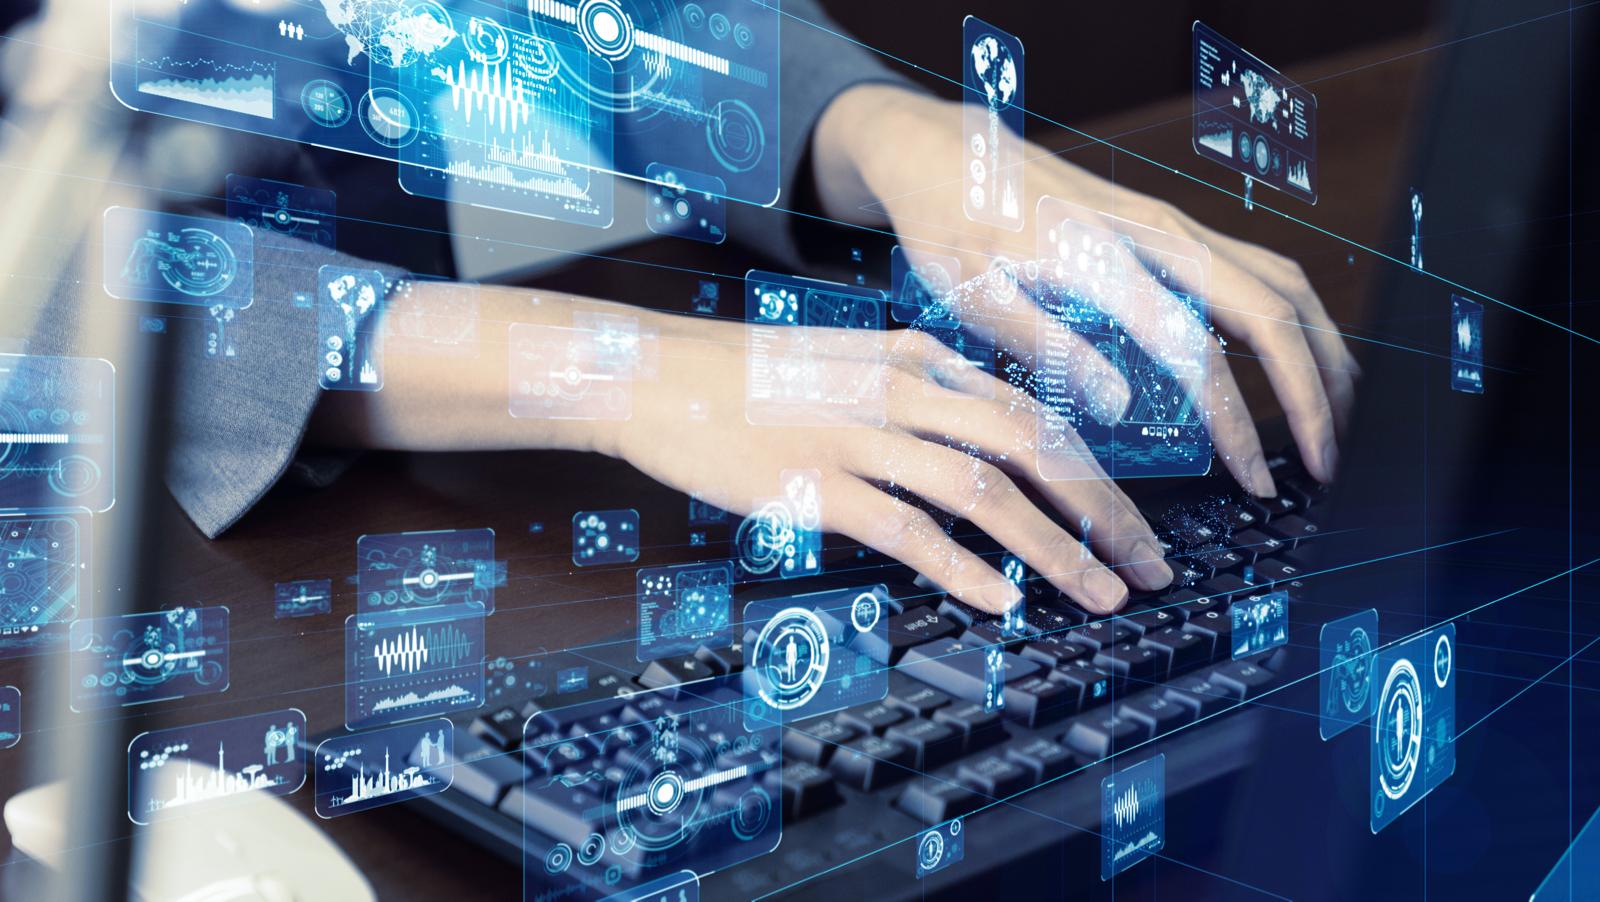 パソコンを操作する人と、その上に浮かび上がる図形などのイメージ